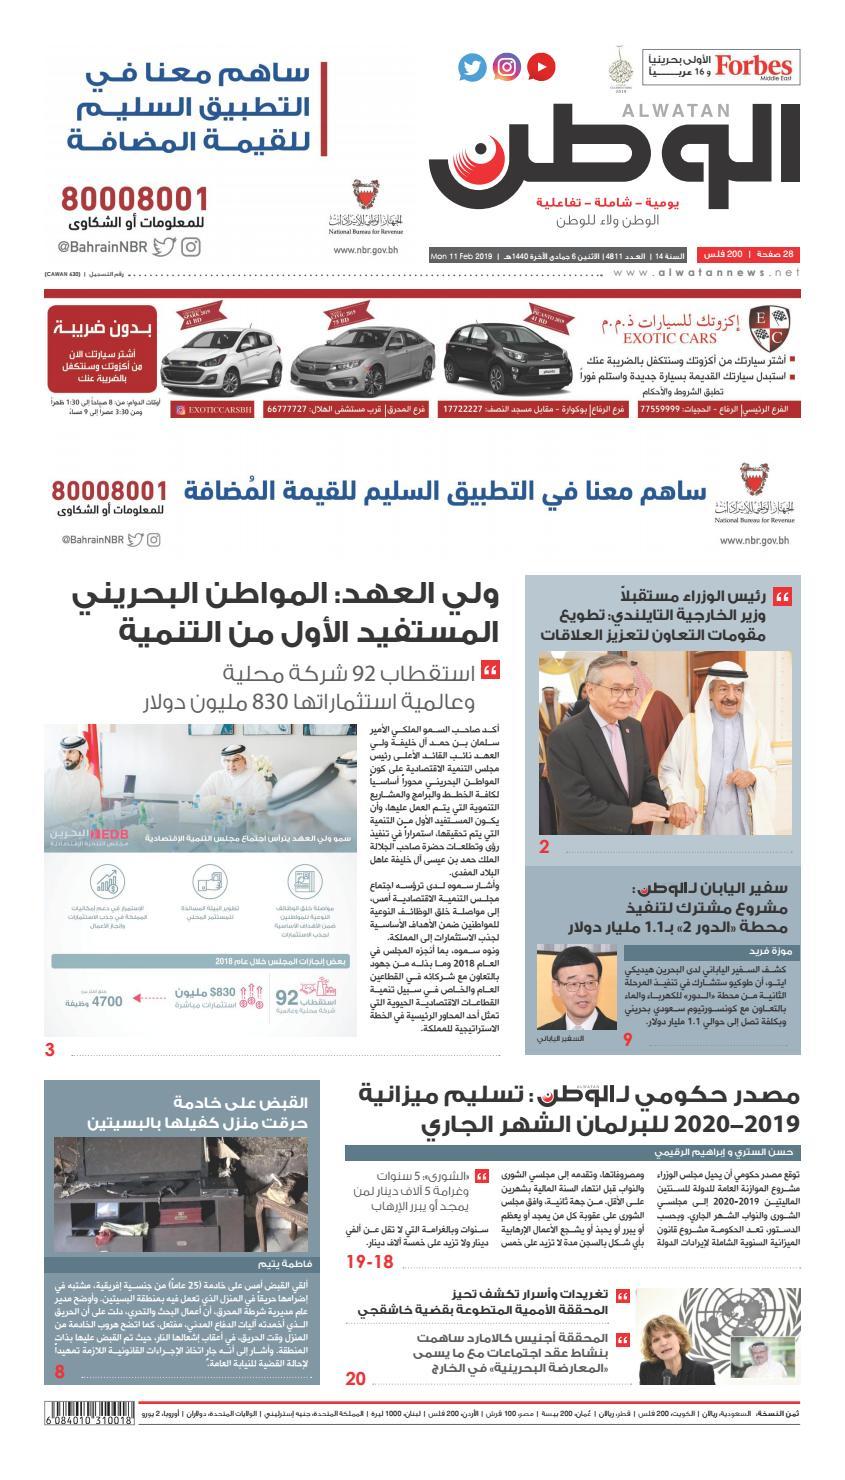 b119f1785 Alwatan 11 FEB 2019 by Alwatan_BH - issuu